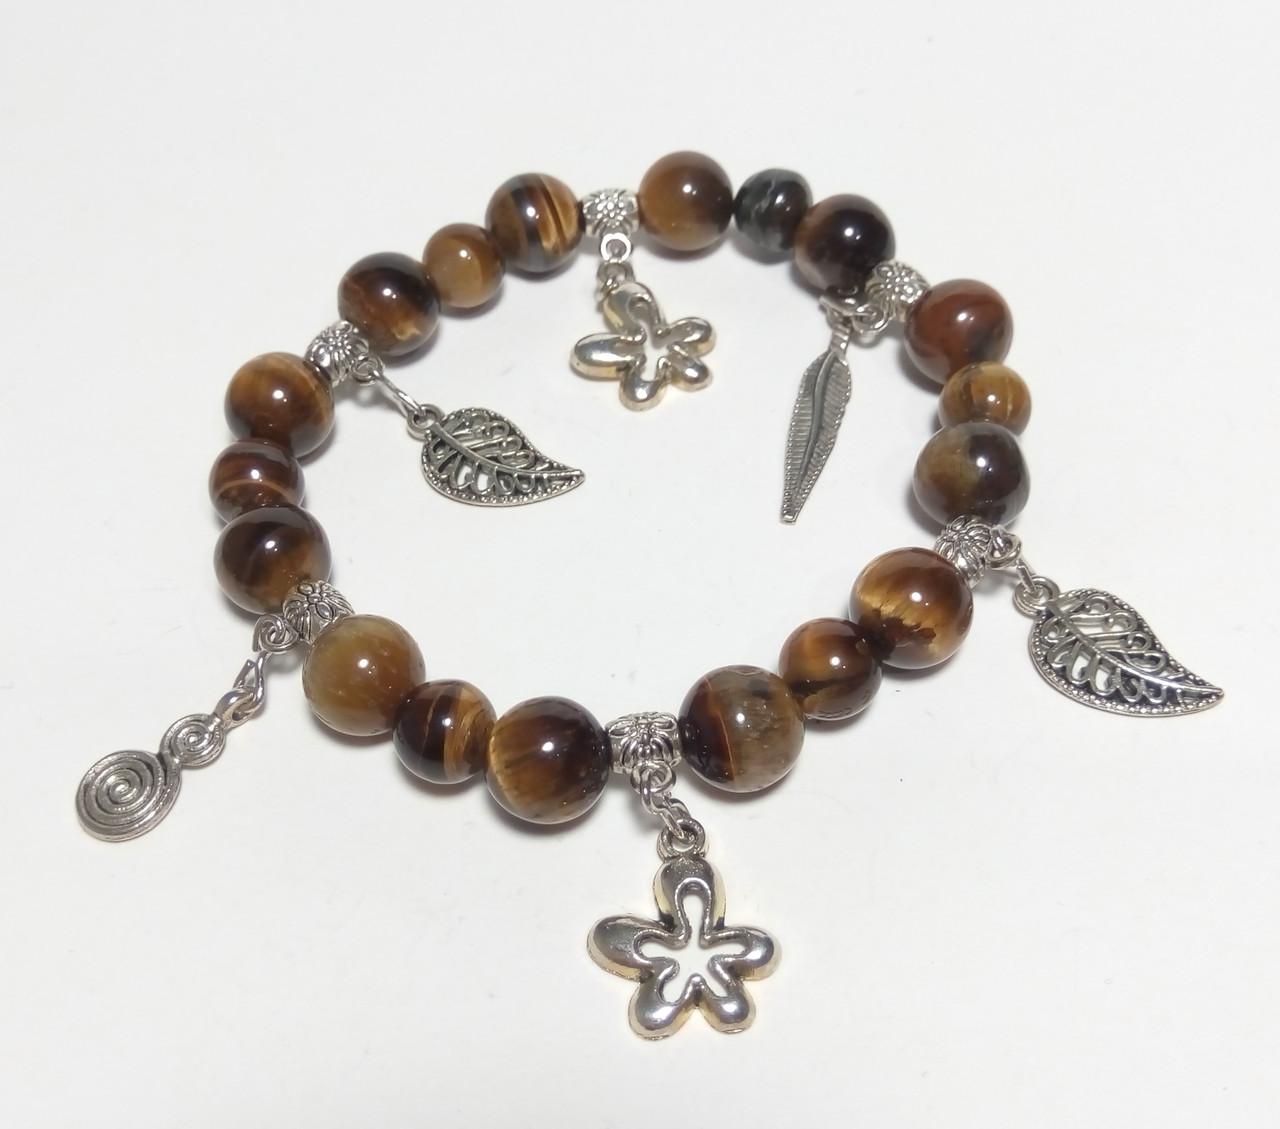 Браслет из натурального камня Тигровый Глаз, цвет коричневый и его оттенки, тм Satori \ Sb - 0035